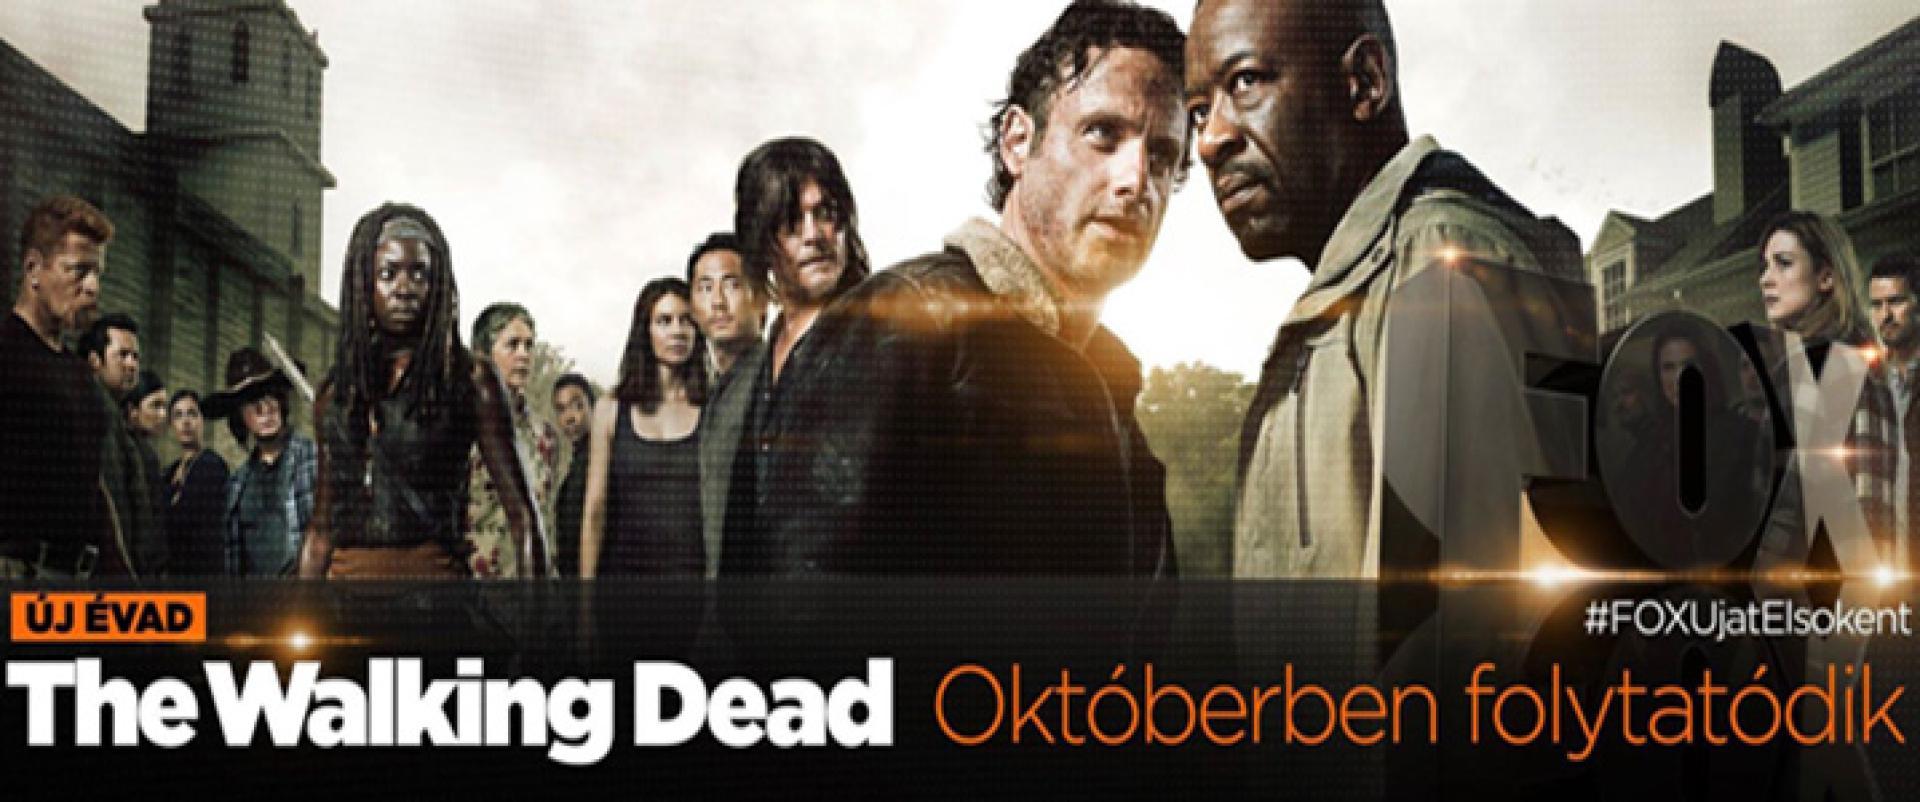 The Walking Dead, 6. évad: visszaszámlálás